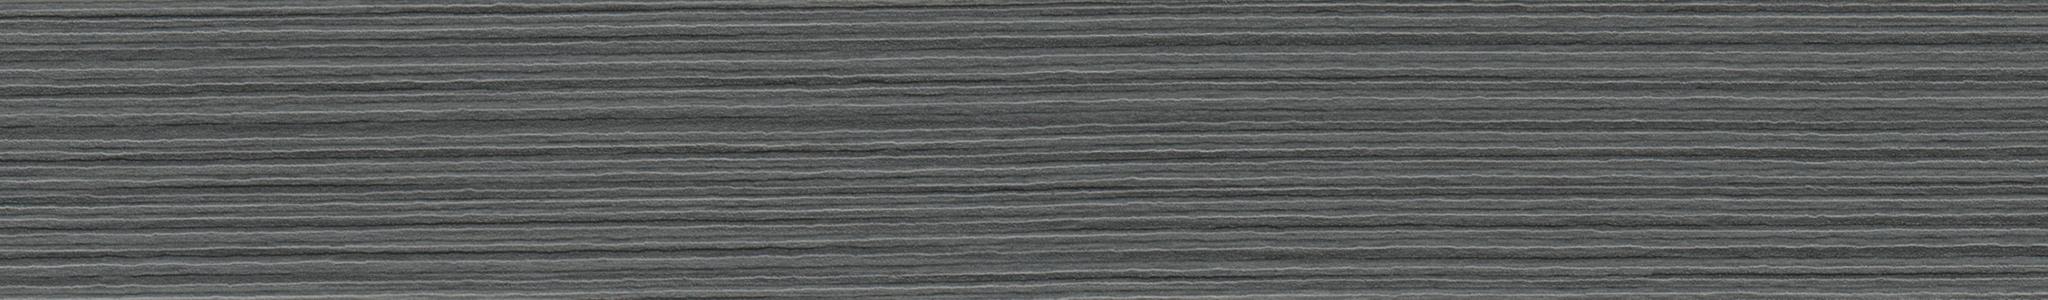 HD 298509 Chant ABS Bois Noir Graine